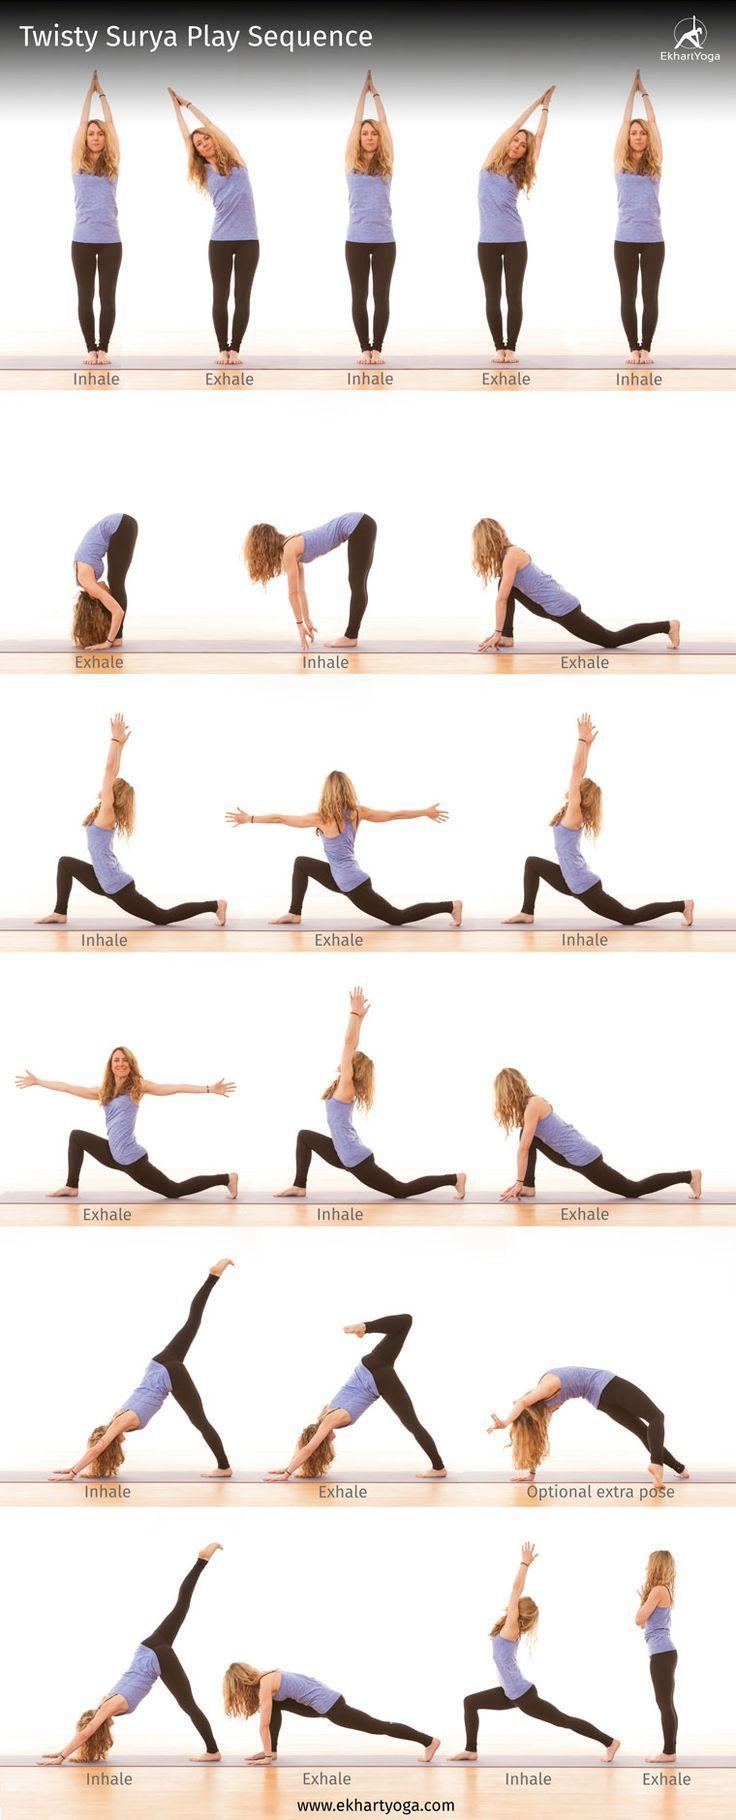 Йога Утром Для Похудения. 11 простых упражнения йоги для похудения